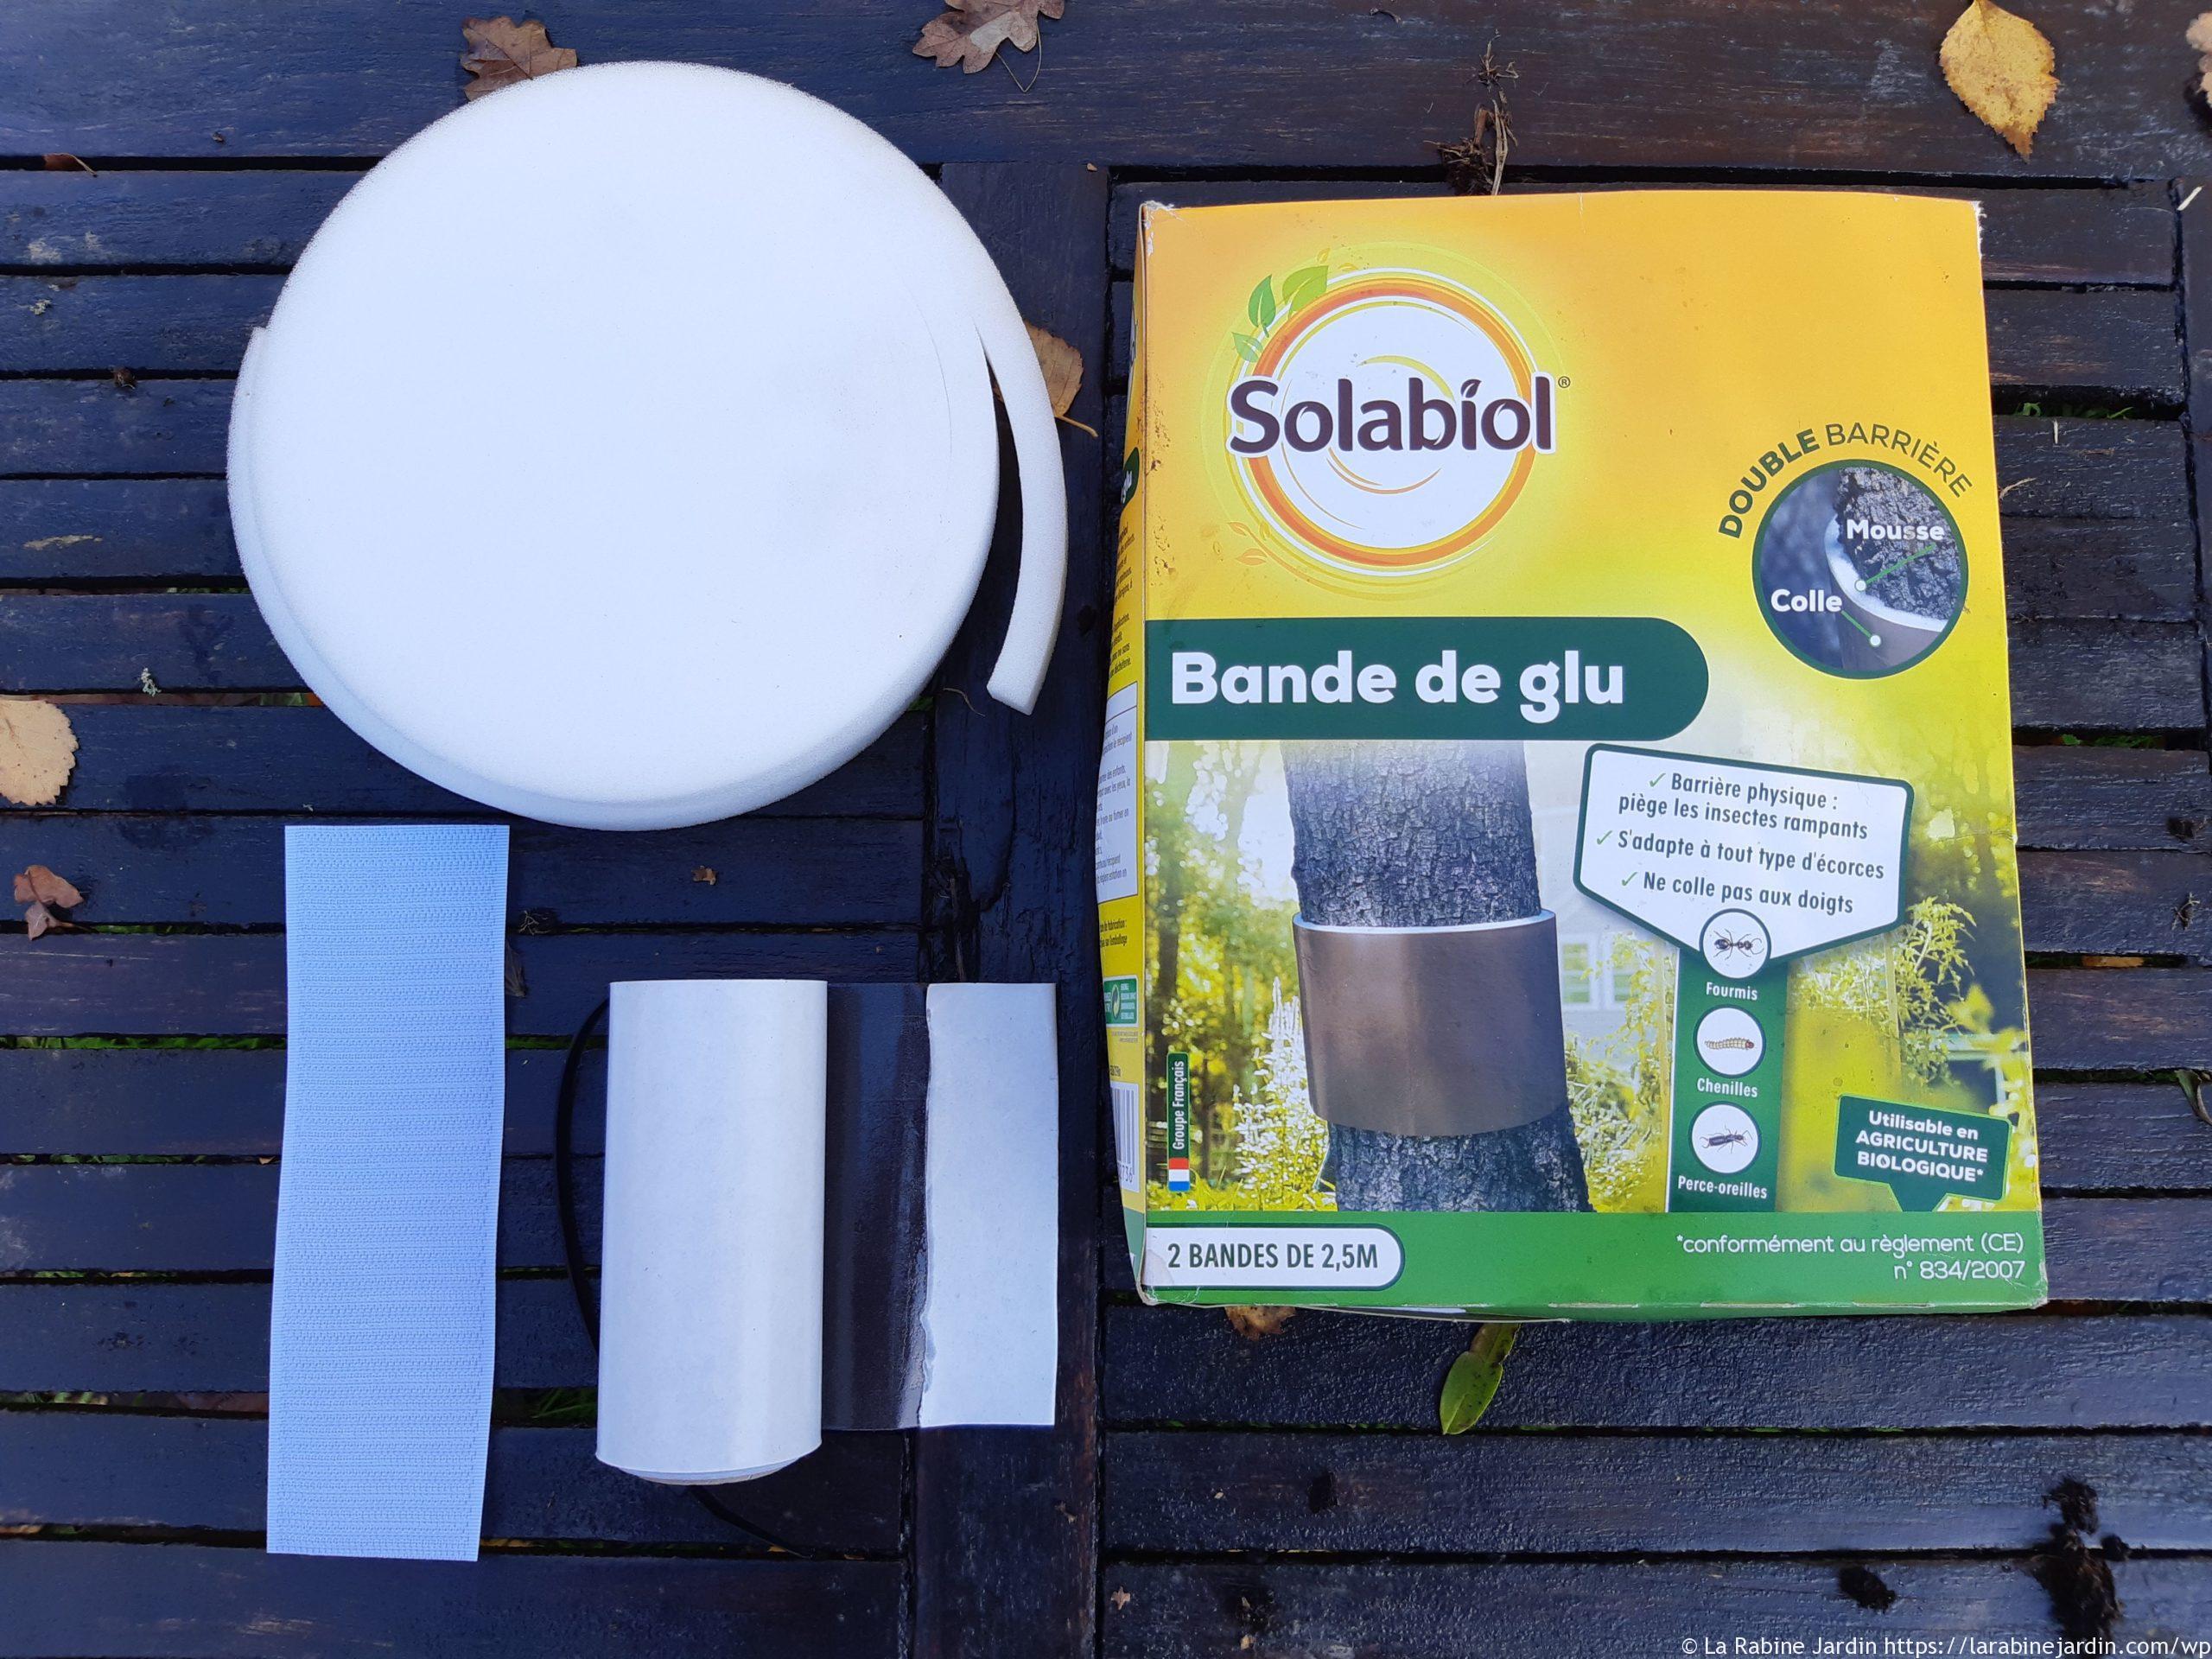 Solabiol_Kit de bande de glu